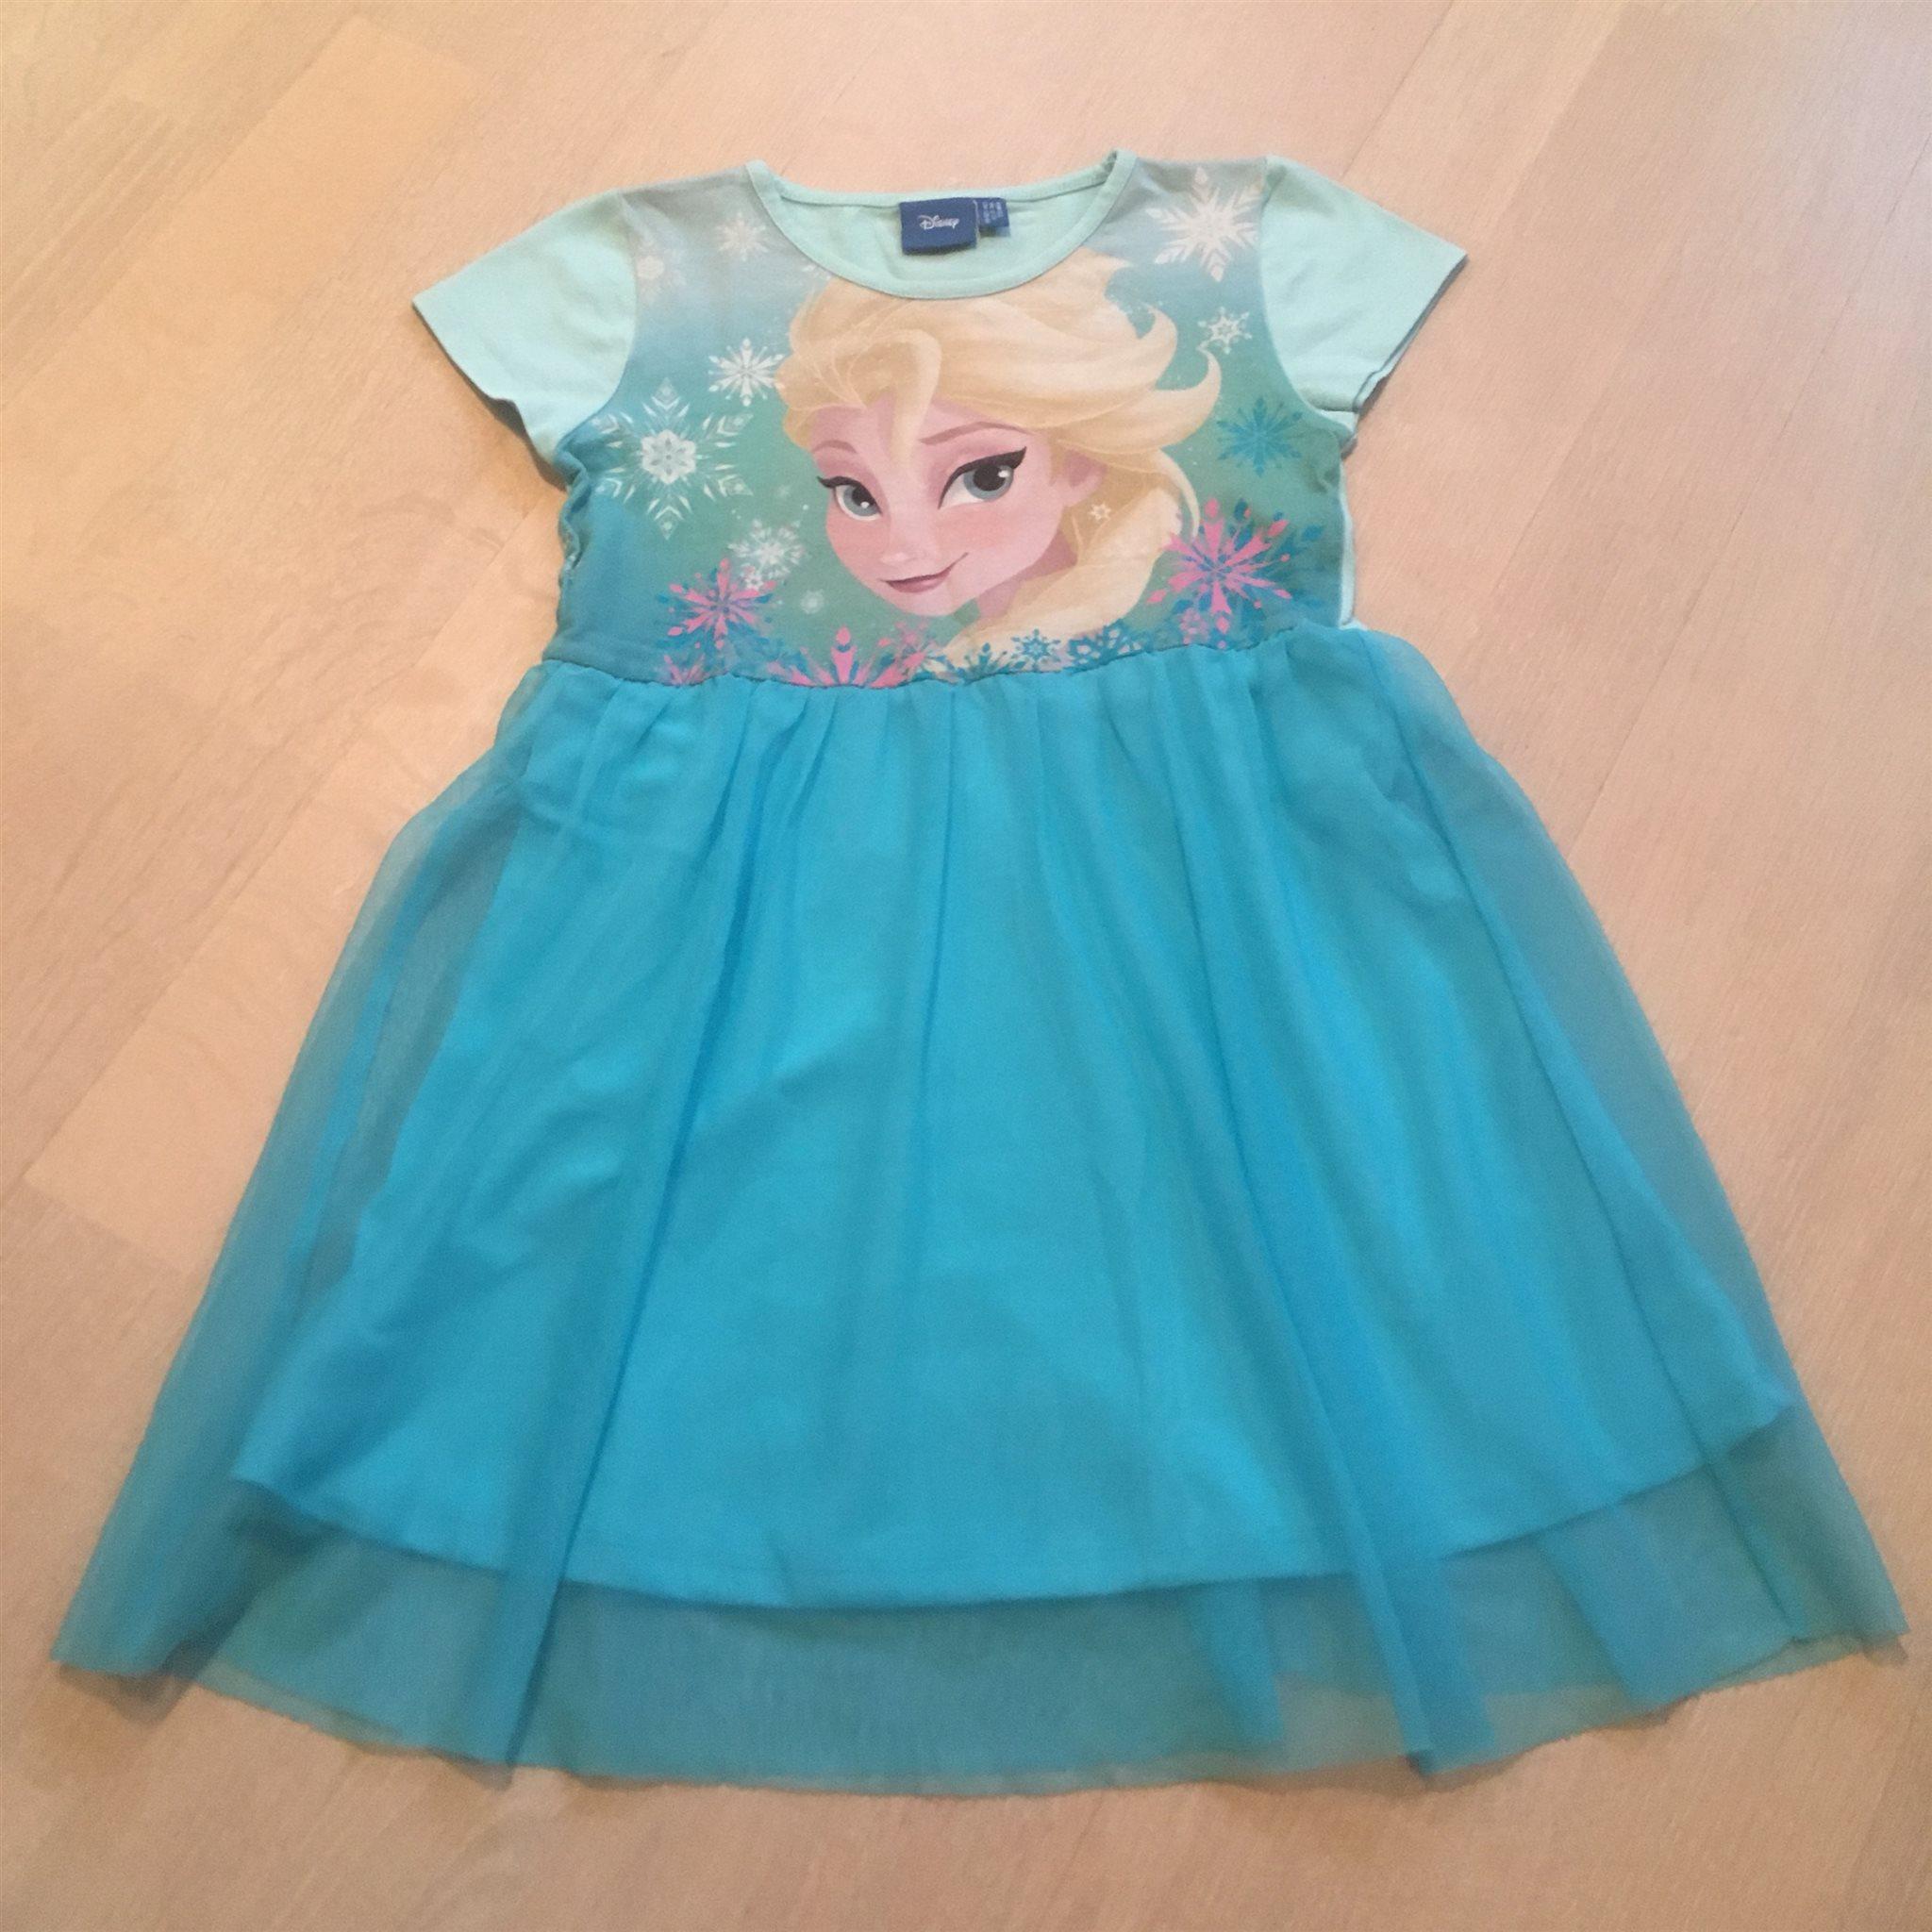 Klänning stl 122 från Lindex Elsa Frost Frozen (337313946) ᐈ Köp på ... 57a4ad39c9e13